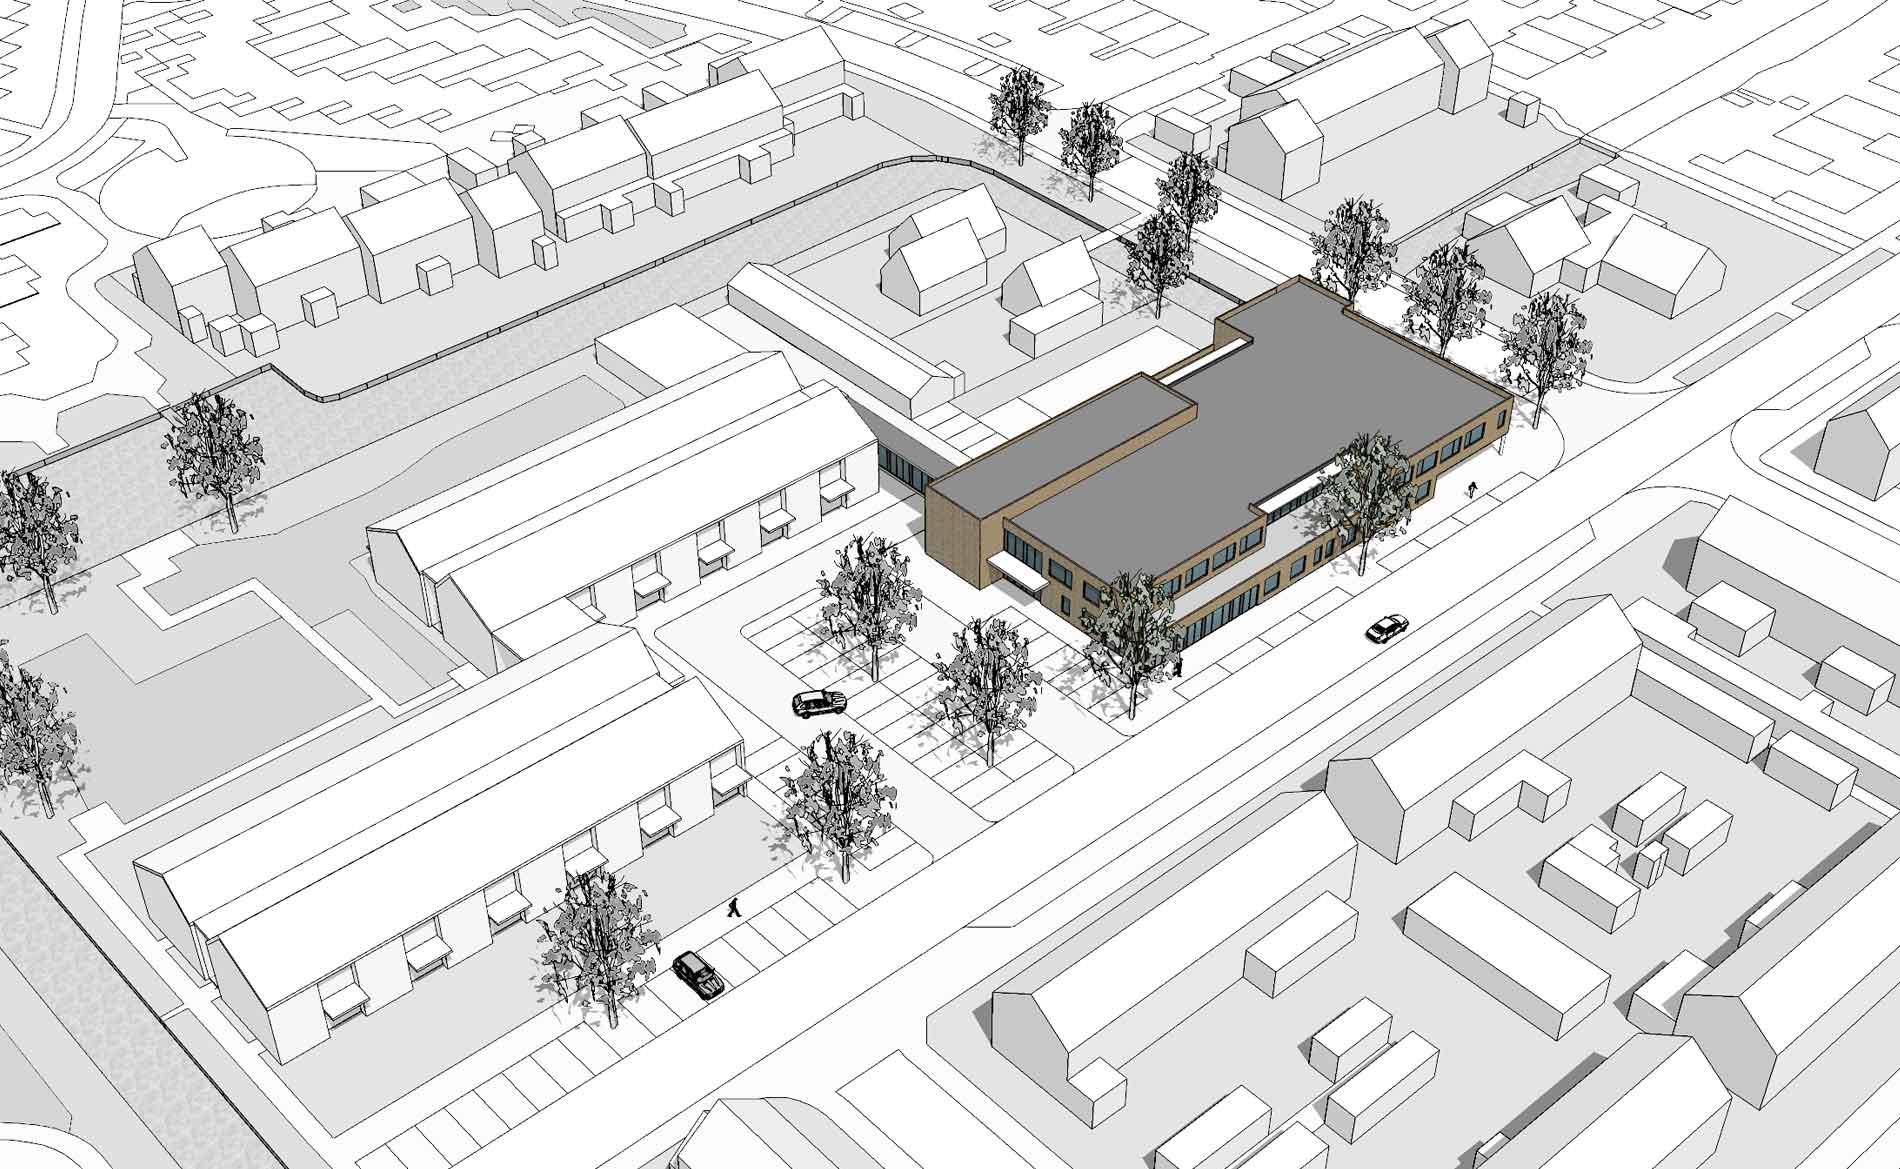 MFA woonzorggebouw ouderenhuisvesting appartementen huisarts apotheek peuterspeelzaal BBHD architecten-Op-t-Snijdersveld-Obdam